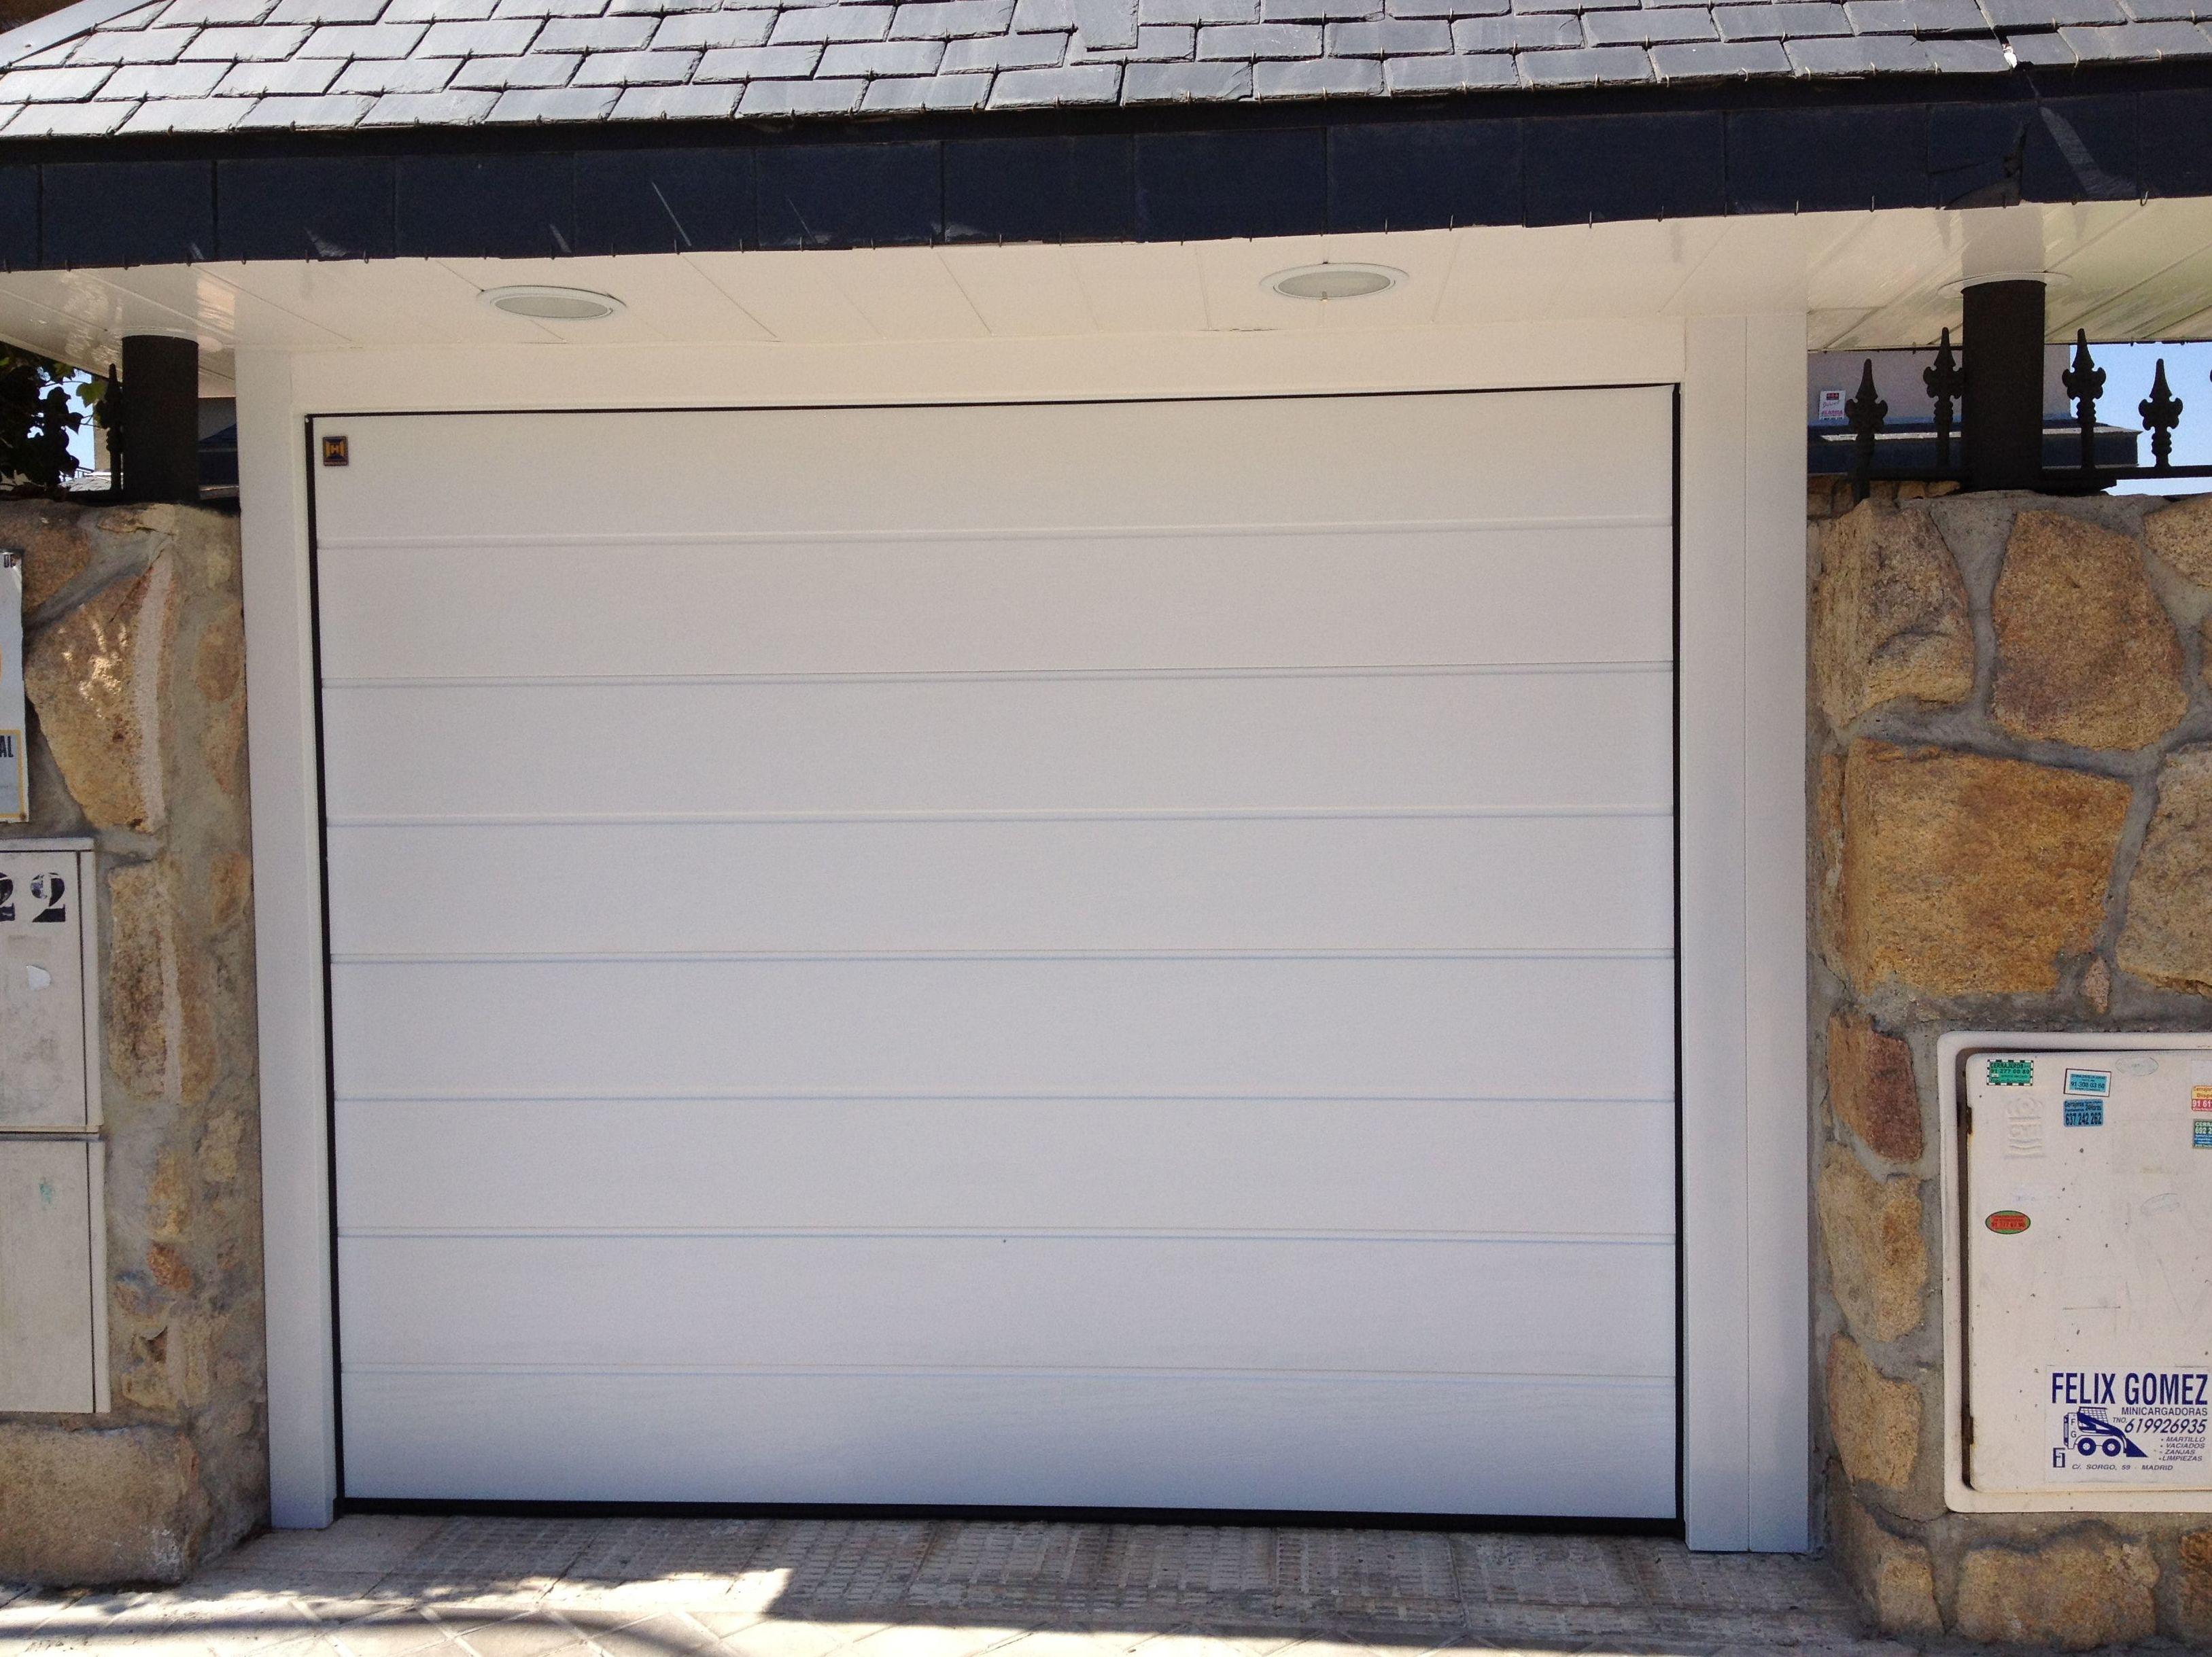 Tipos de puertas de garaje elegant consejos para puertas de garaje baratas with tipos de - Tipos de puertas de garaje ...